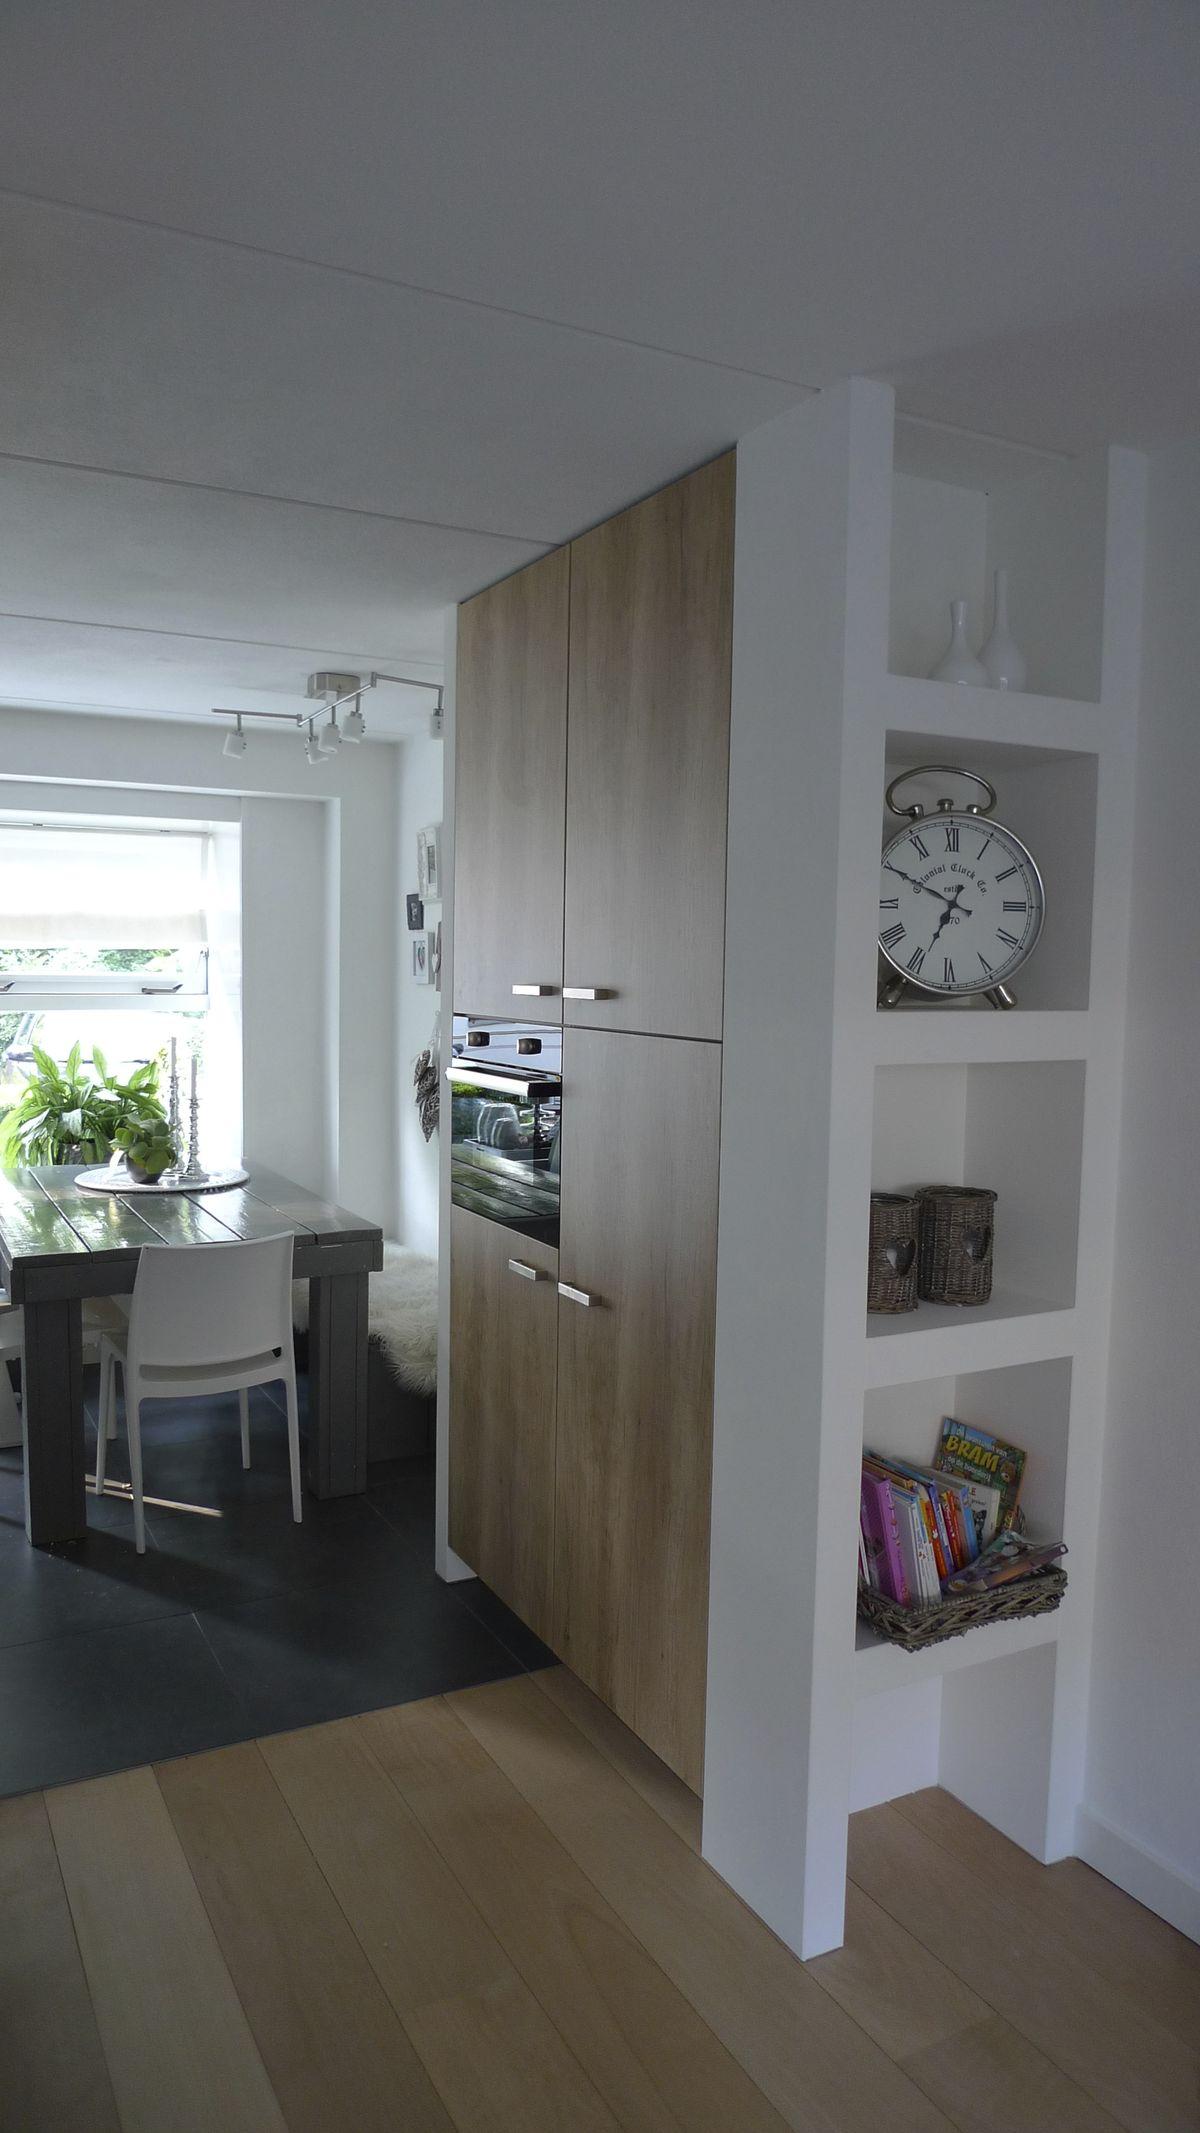 Waschtisch Selber Bauen Ytong : Ytong Steine Badezimmer ~ Ciltix.com U003d  Sammlung Von Bildern